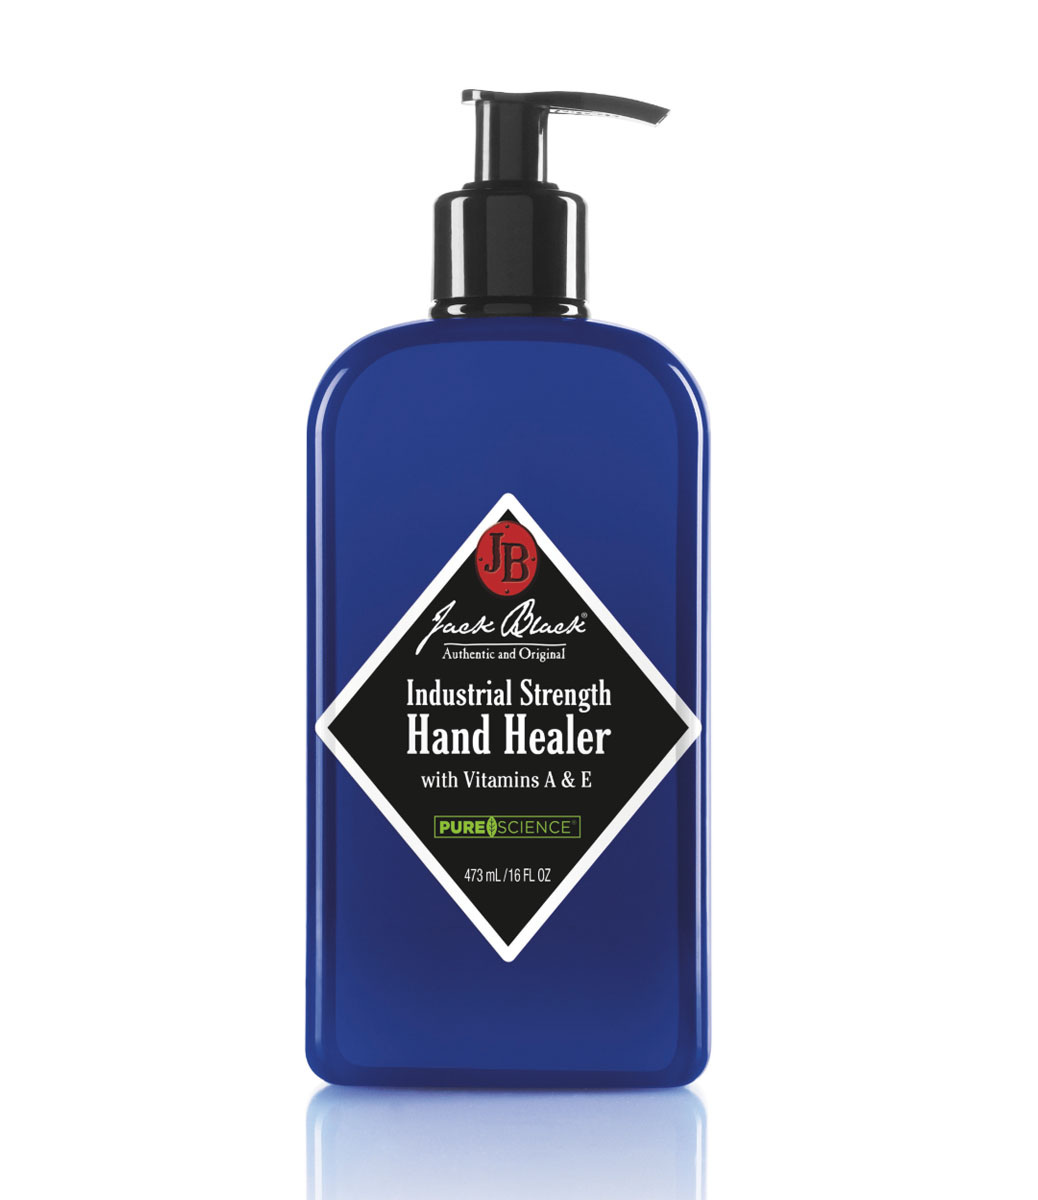 Hand Healer